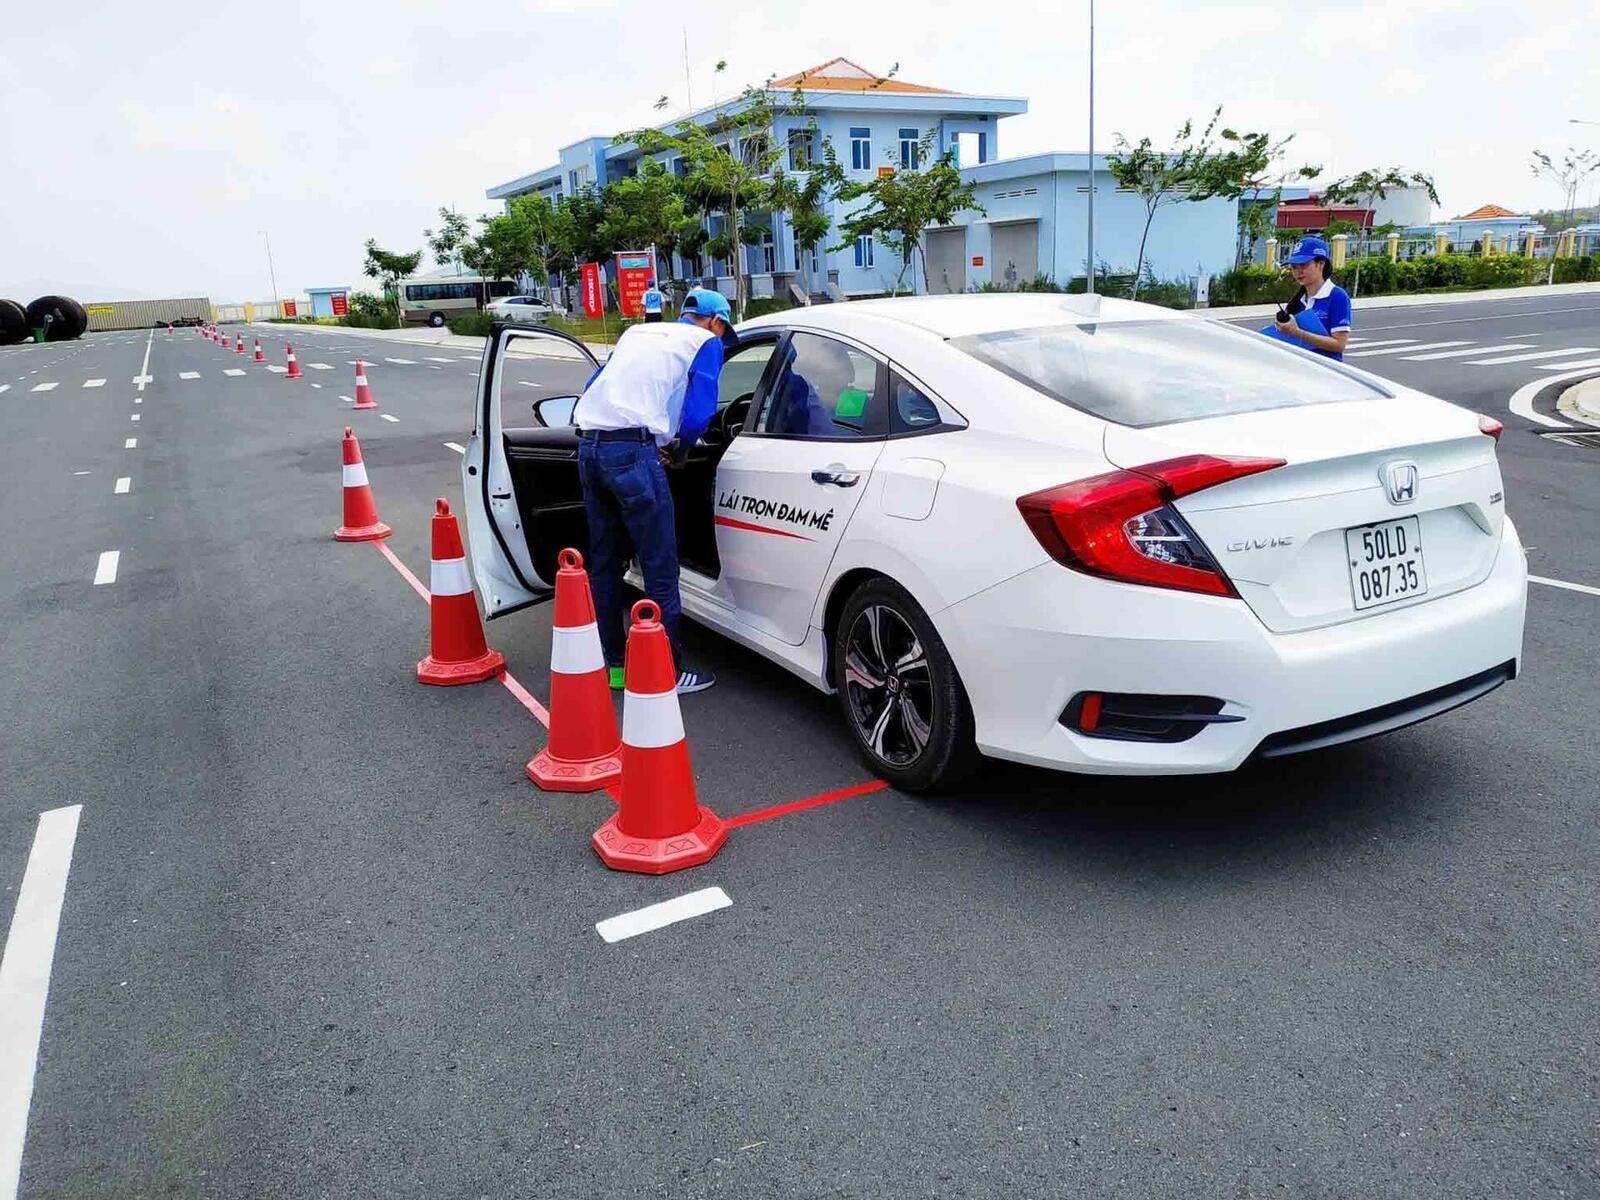 Đại lý Ôtô Honda không ngừng đẩy mạnh hoạt động  đào tạo lái xe an toàn trong cộng đồng - Hình 3